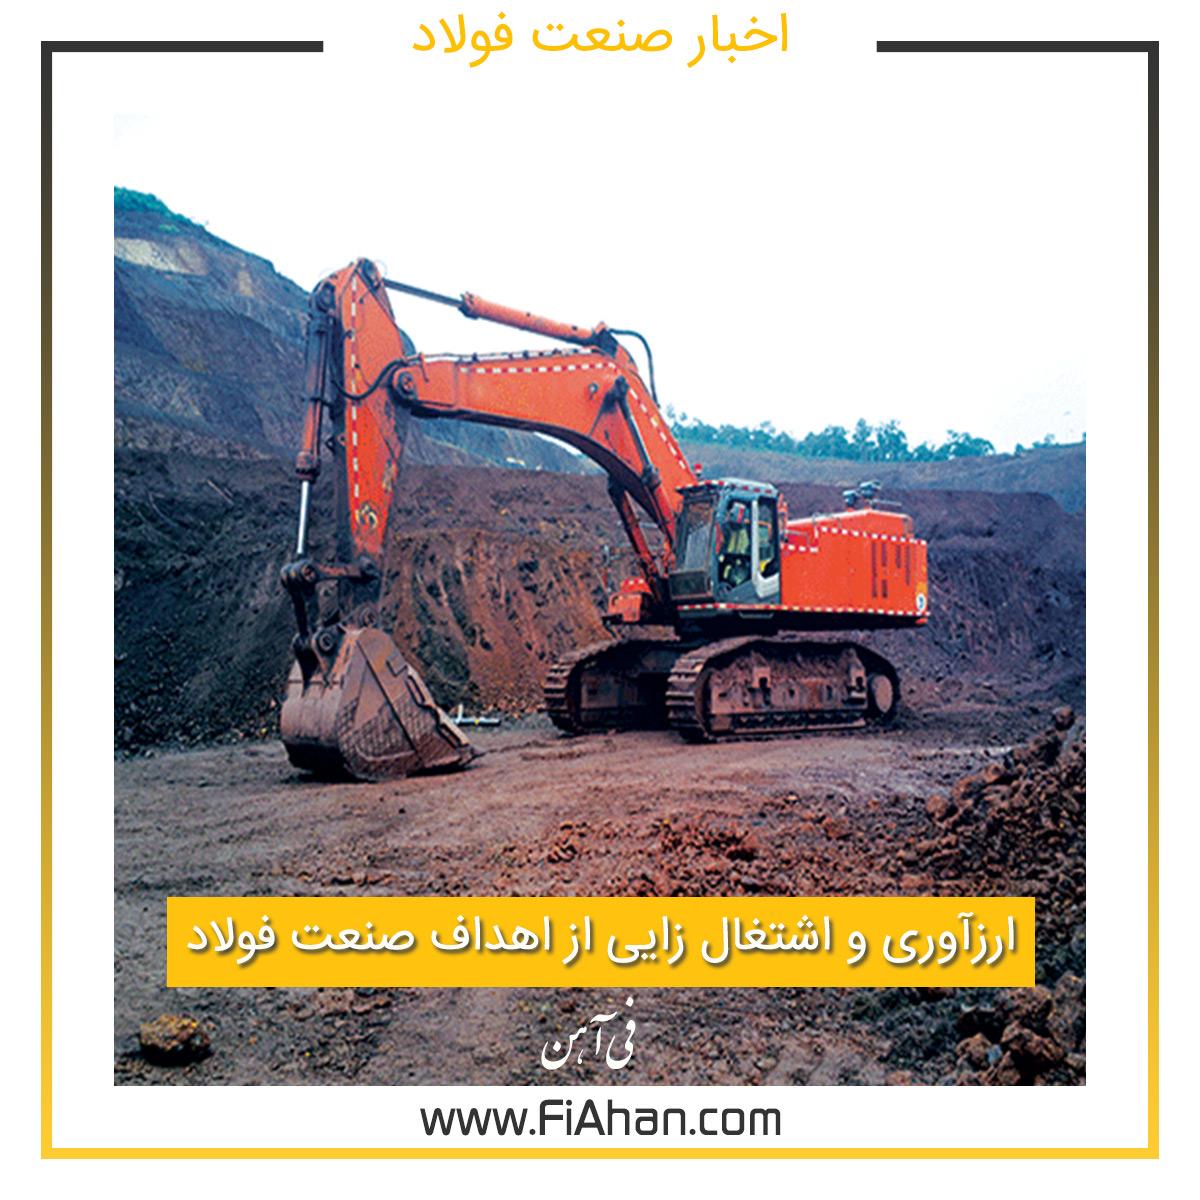 ارزآوری و اشتغال زایی از اهداف صنعت فولاد